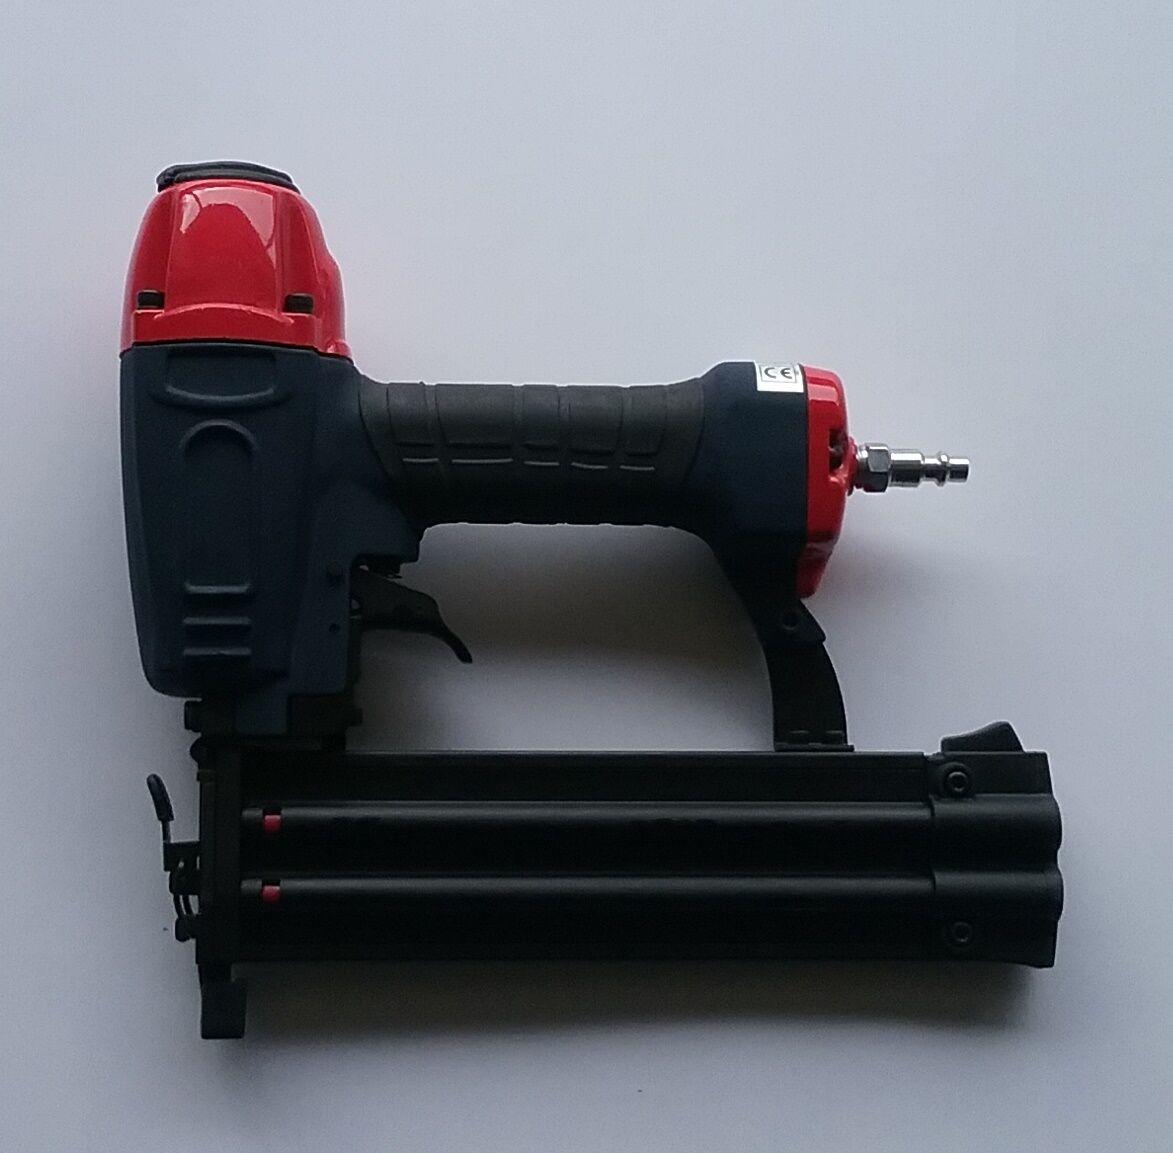 Morpower ATO12450 18GA Brad Nailer